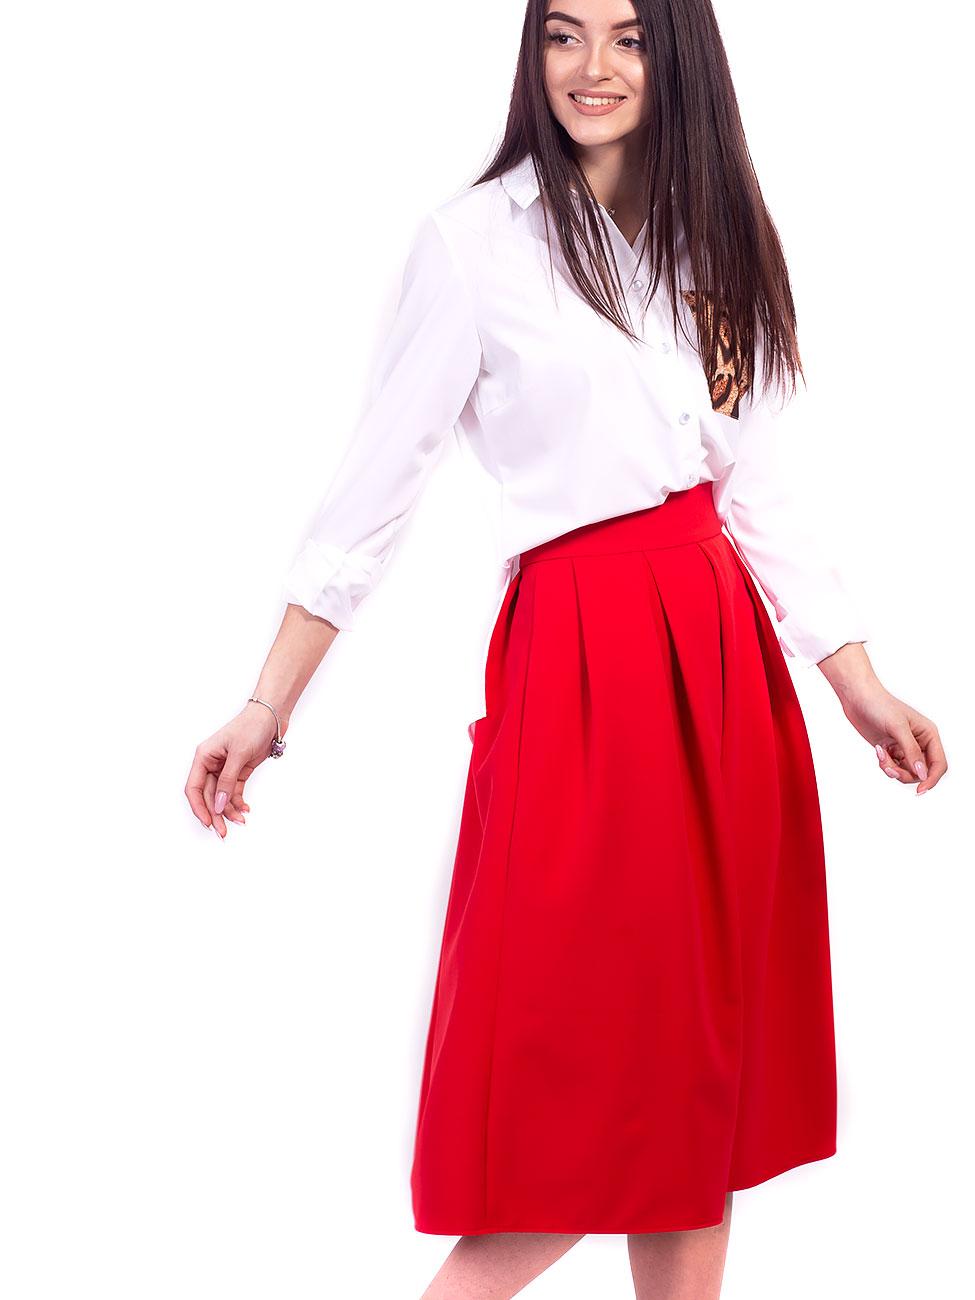 Розкішна міді-спідниця А-силуету зі складками та зручними кишенями. Арт.2645 f50503b9a83a5